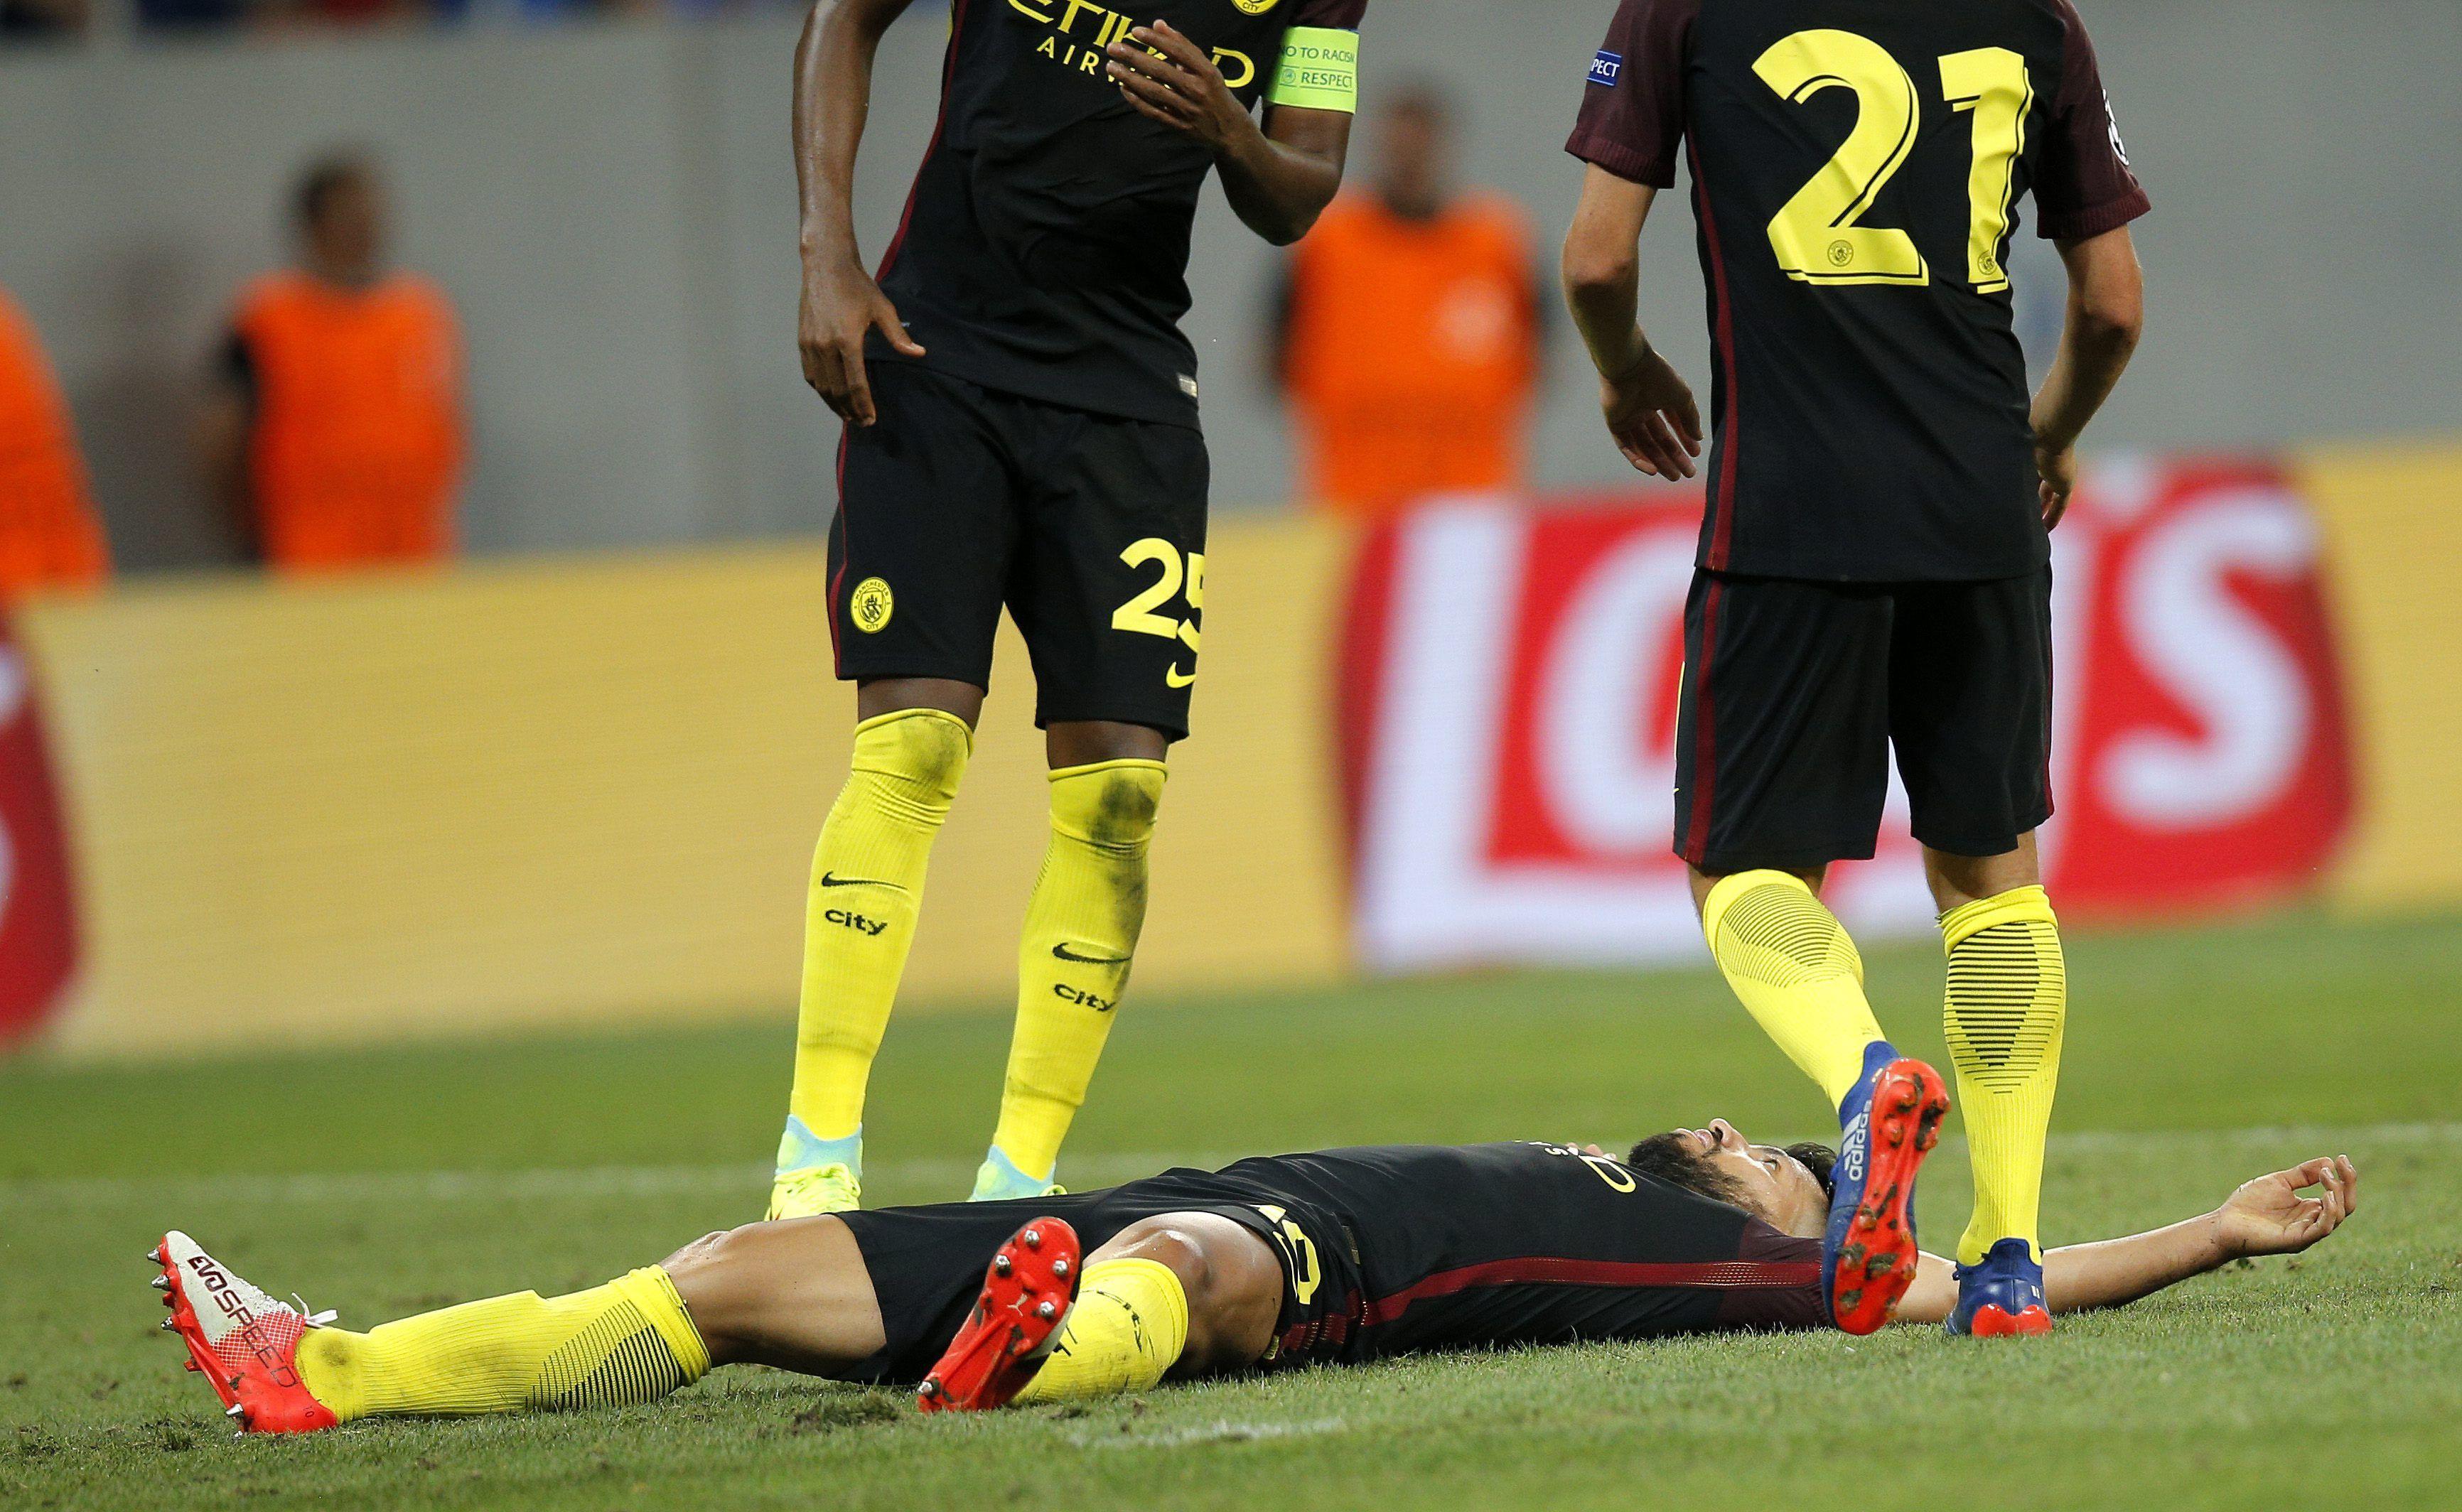 El Kun Agüero erró dos penales, pero sus compañeros lo apoyan